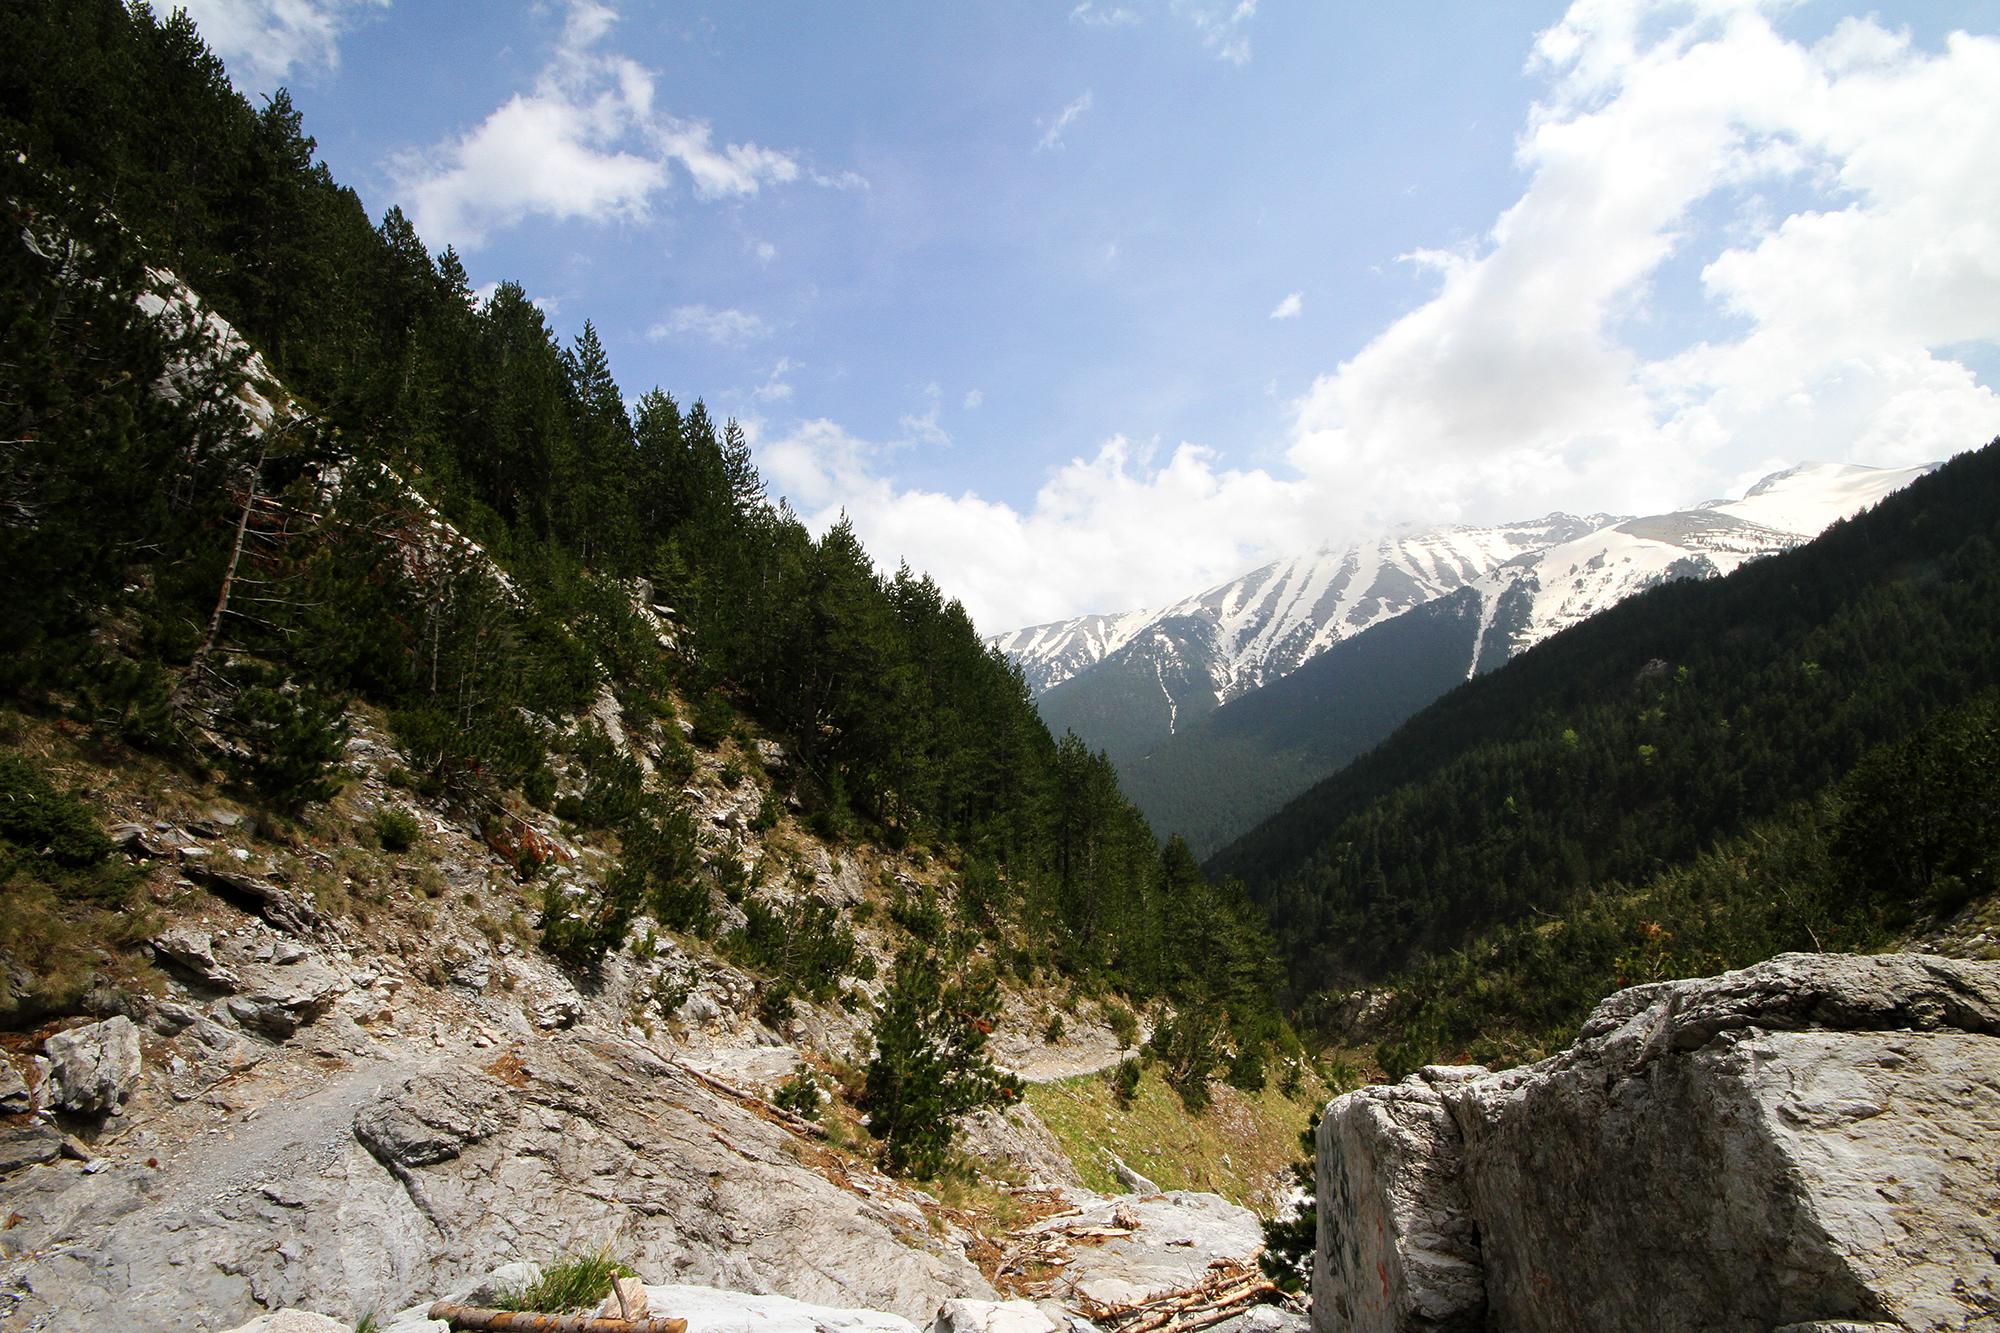 Mt. Olympus hike